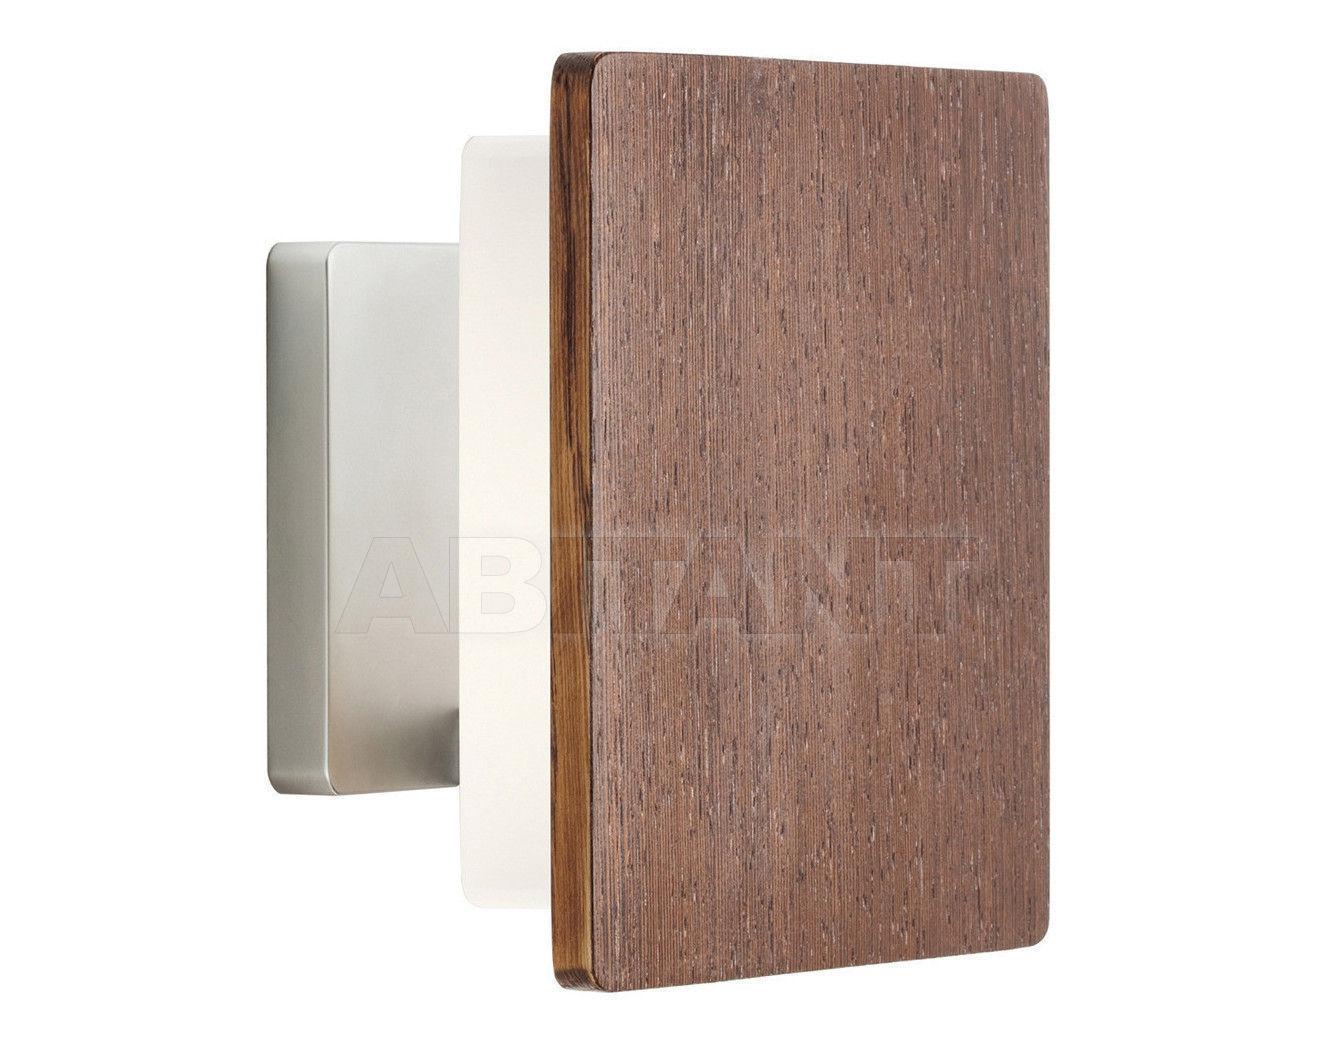 Купить Светильник настенный No More Fabbian Catalogo Generale F06 D03 48